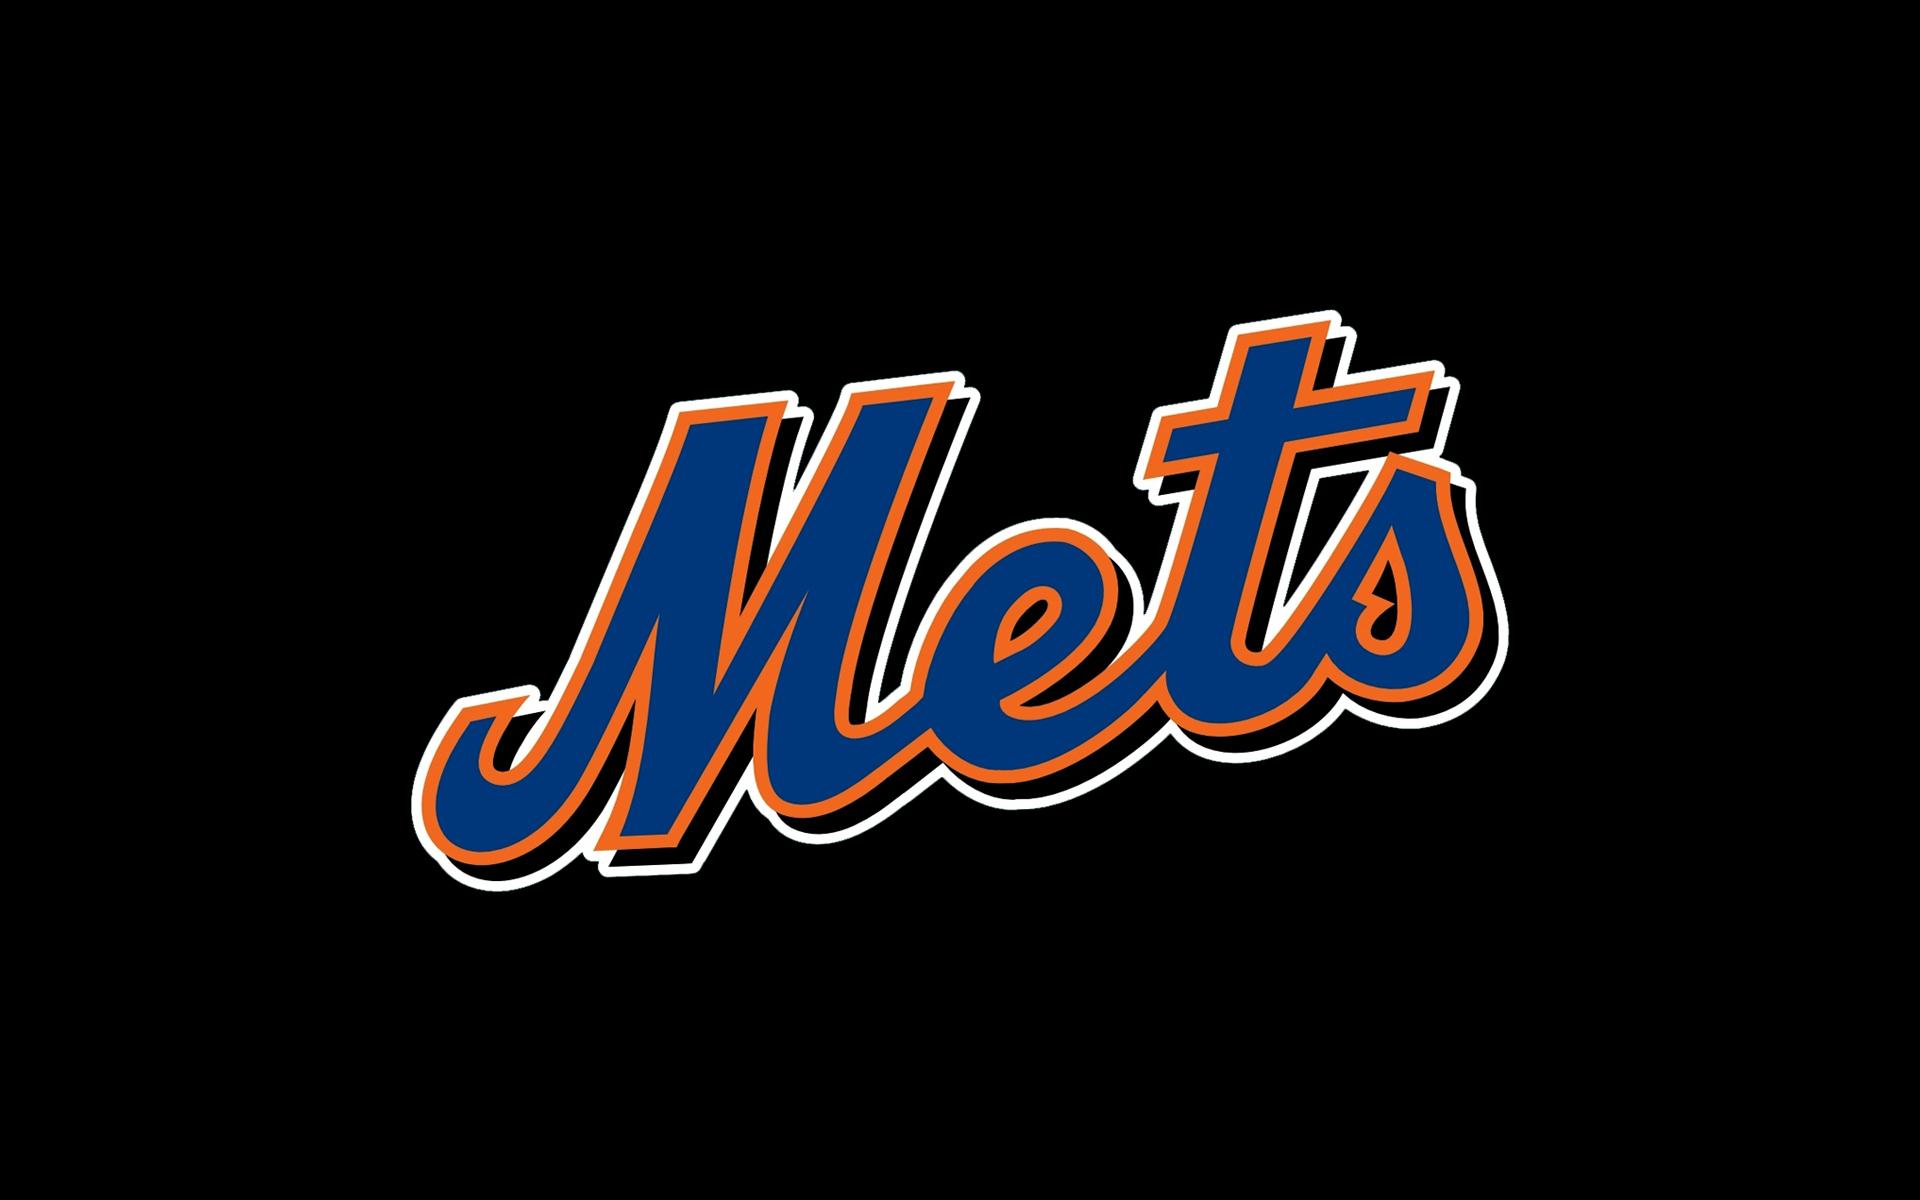 New York Mets desktop wallpaper New York Mets wallpapers 1920x1200